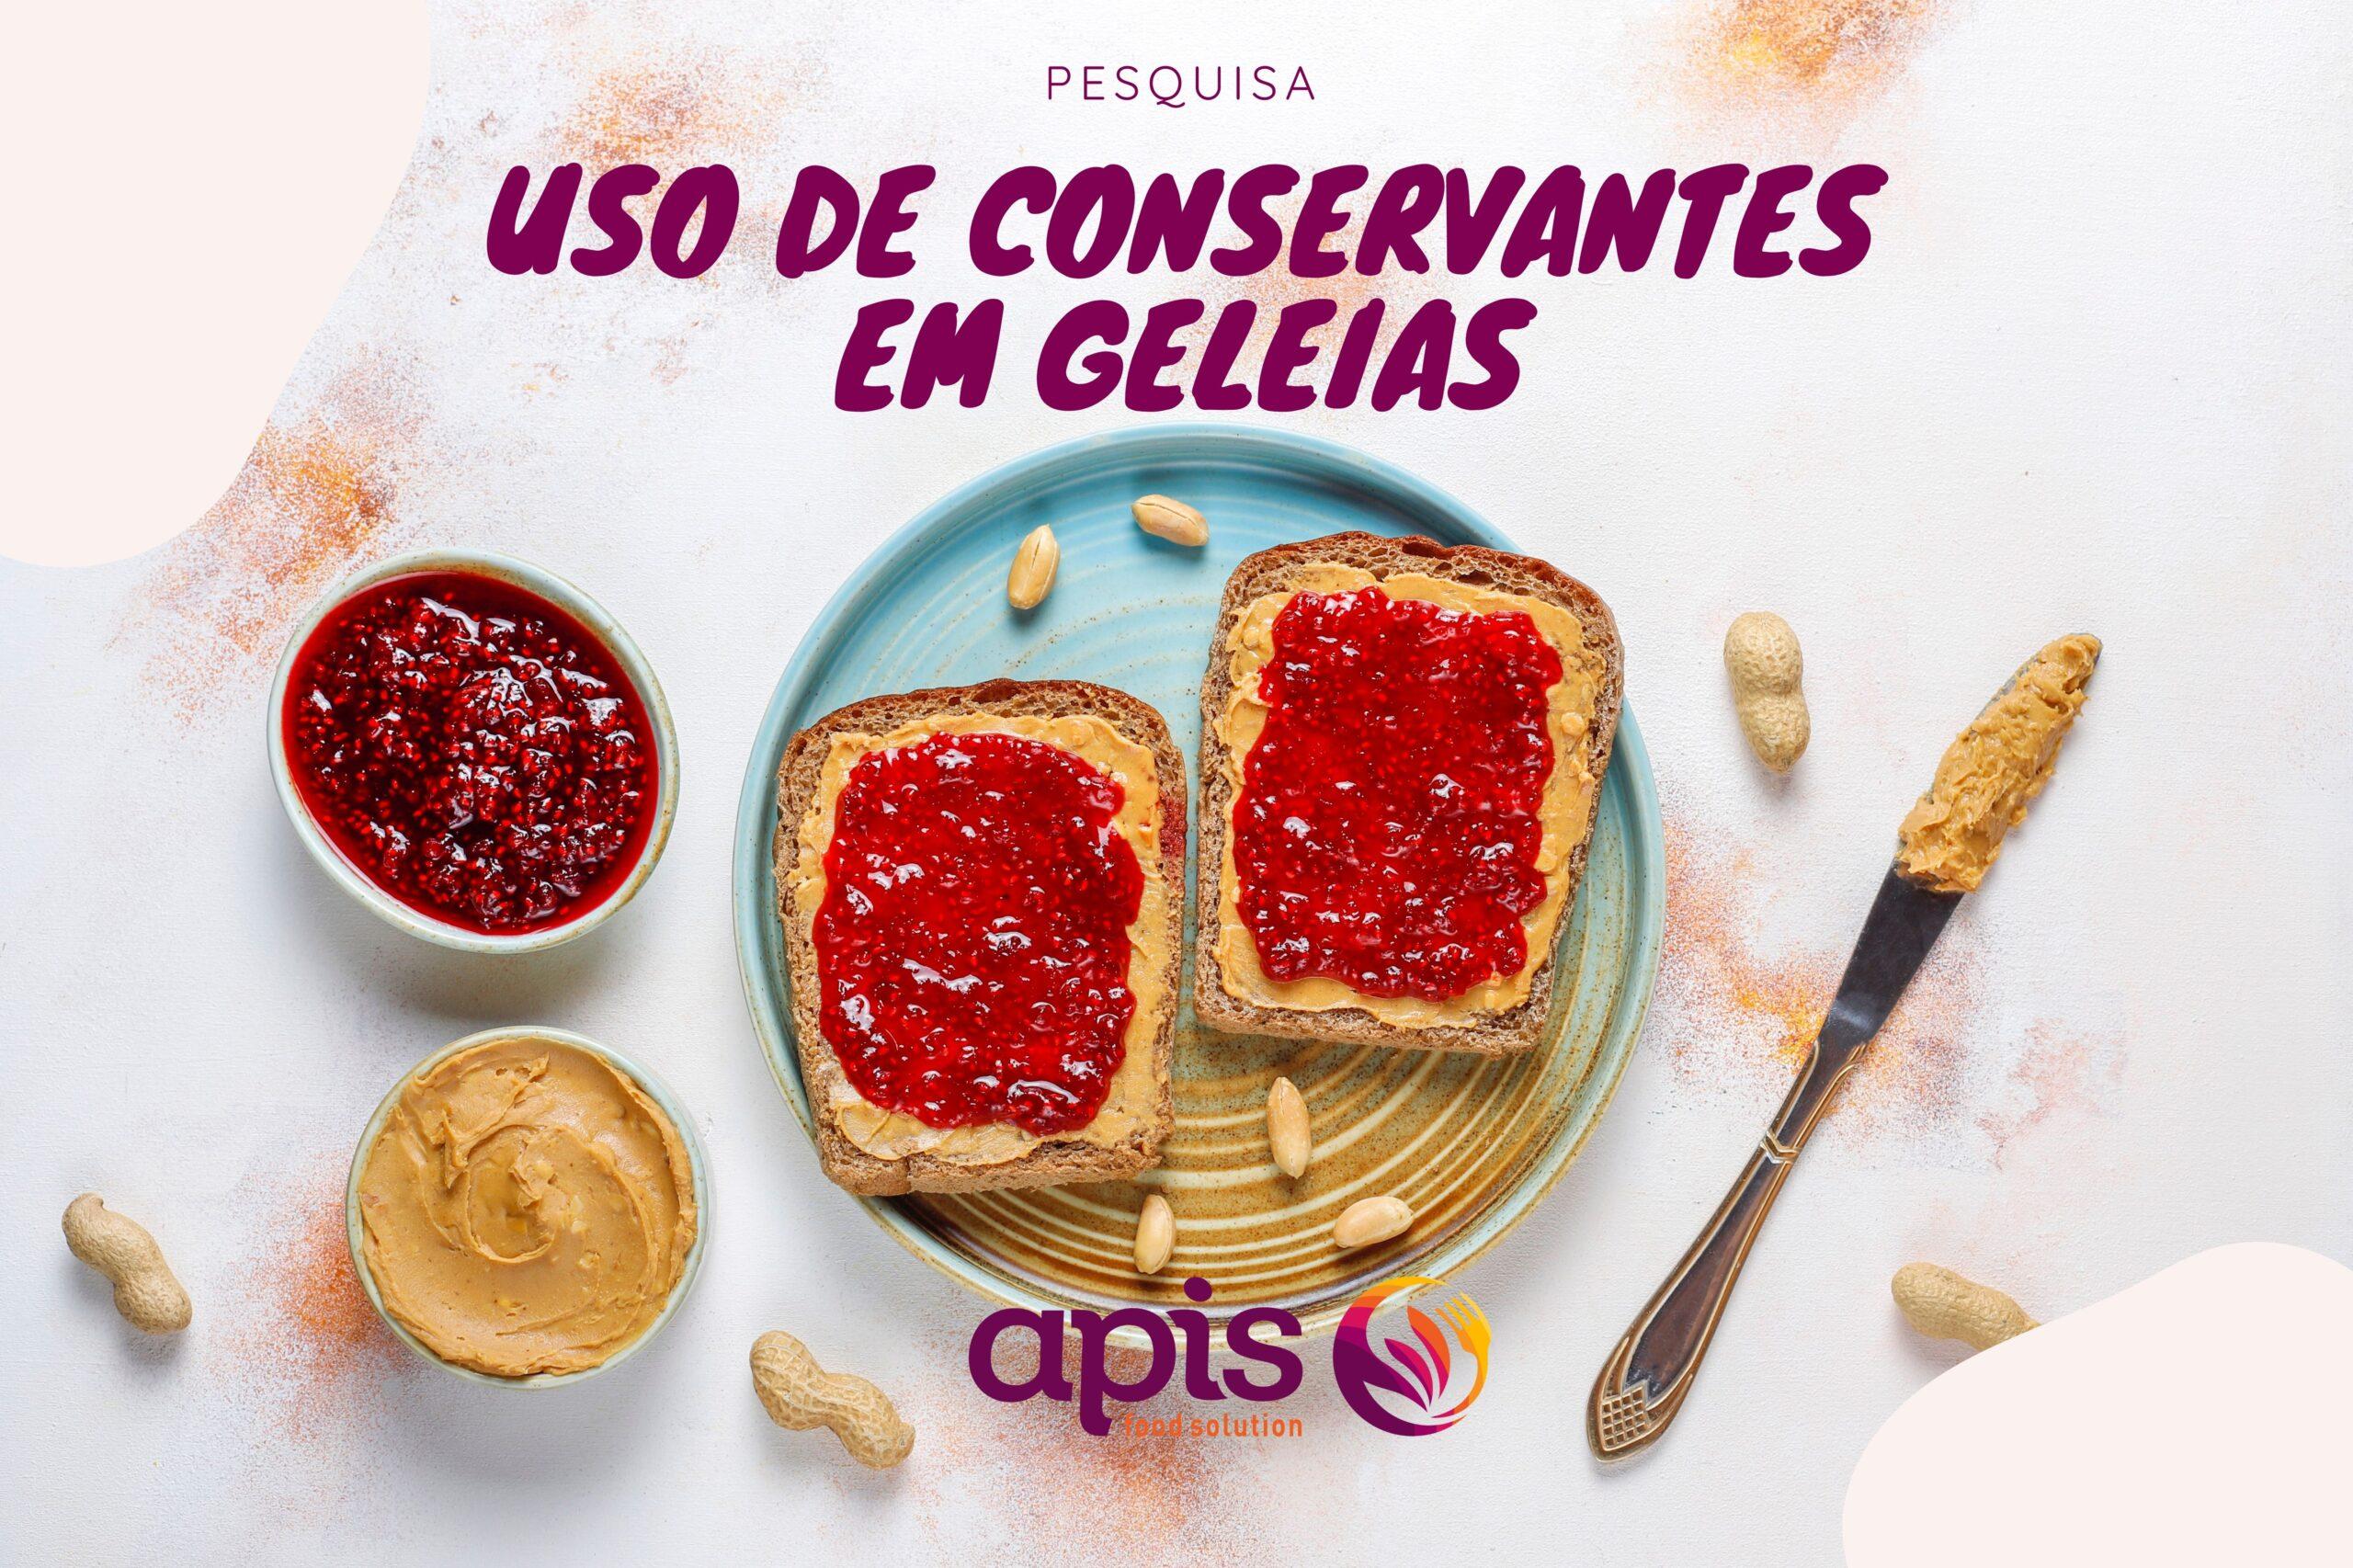 Uso de conservantes em geleias - Apis